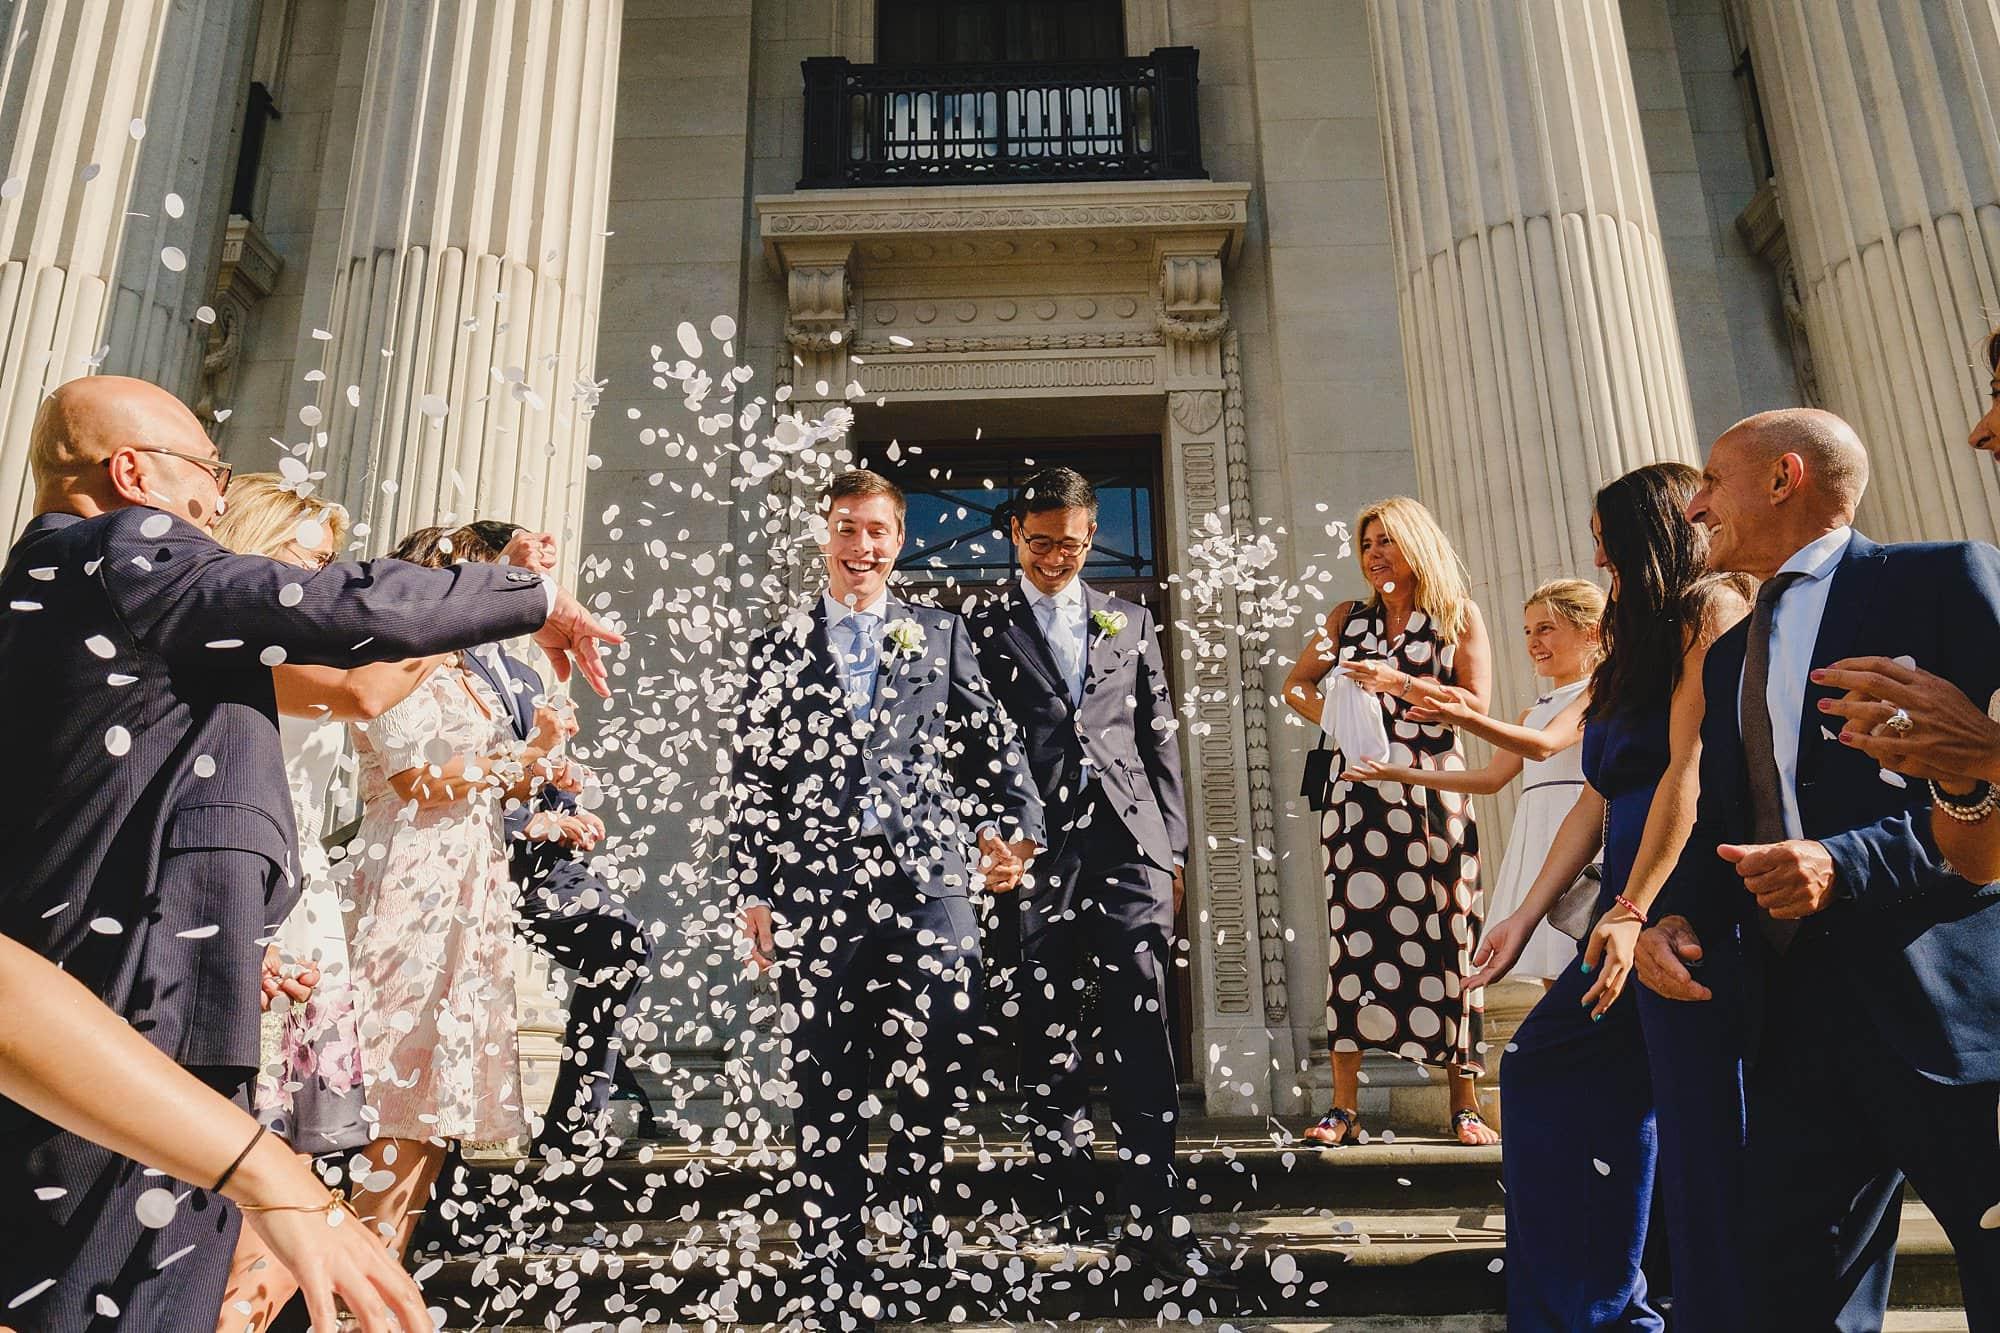 Wedding confetti at Old Marylebone Town Hall